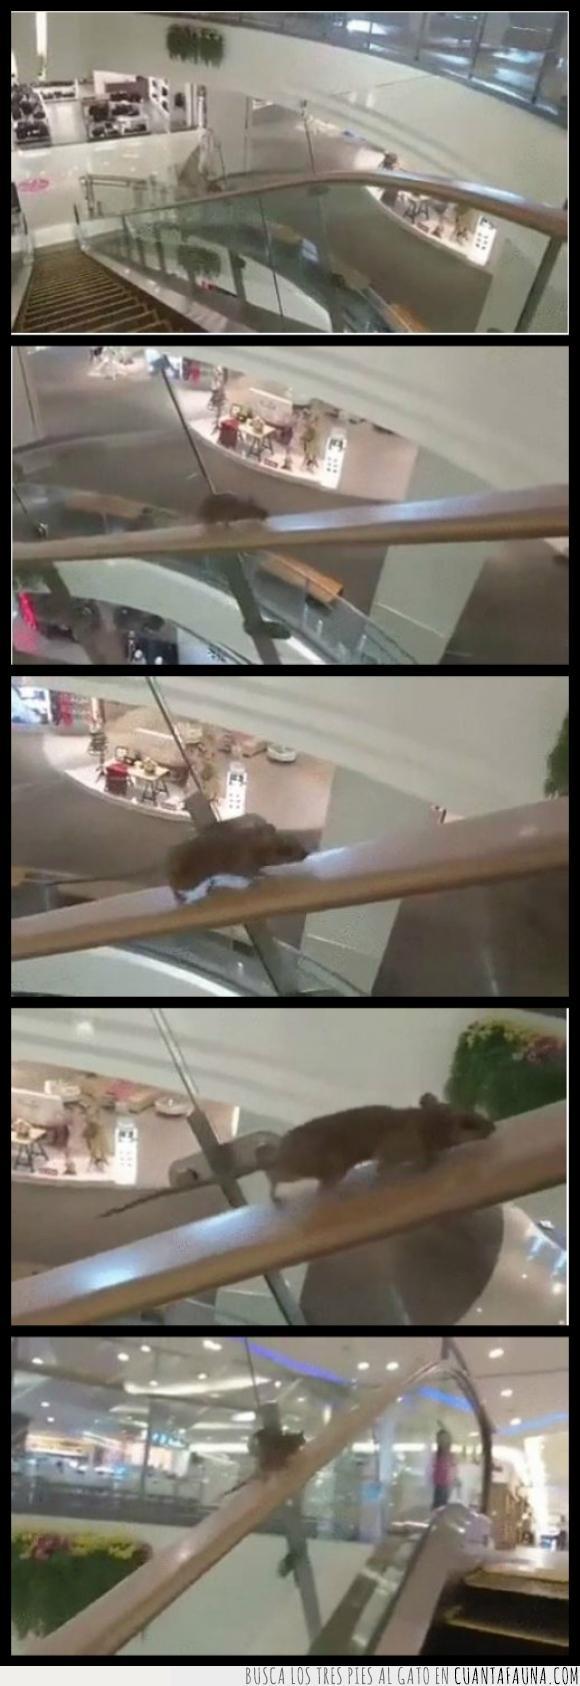 centro comercial,escalera,gym,mouse,rata